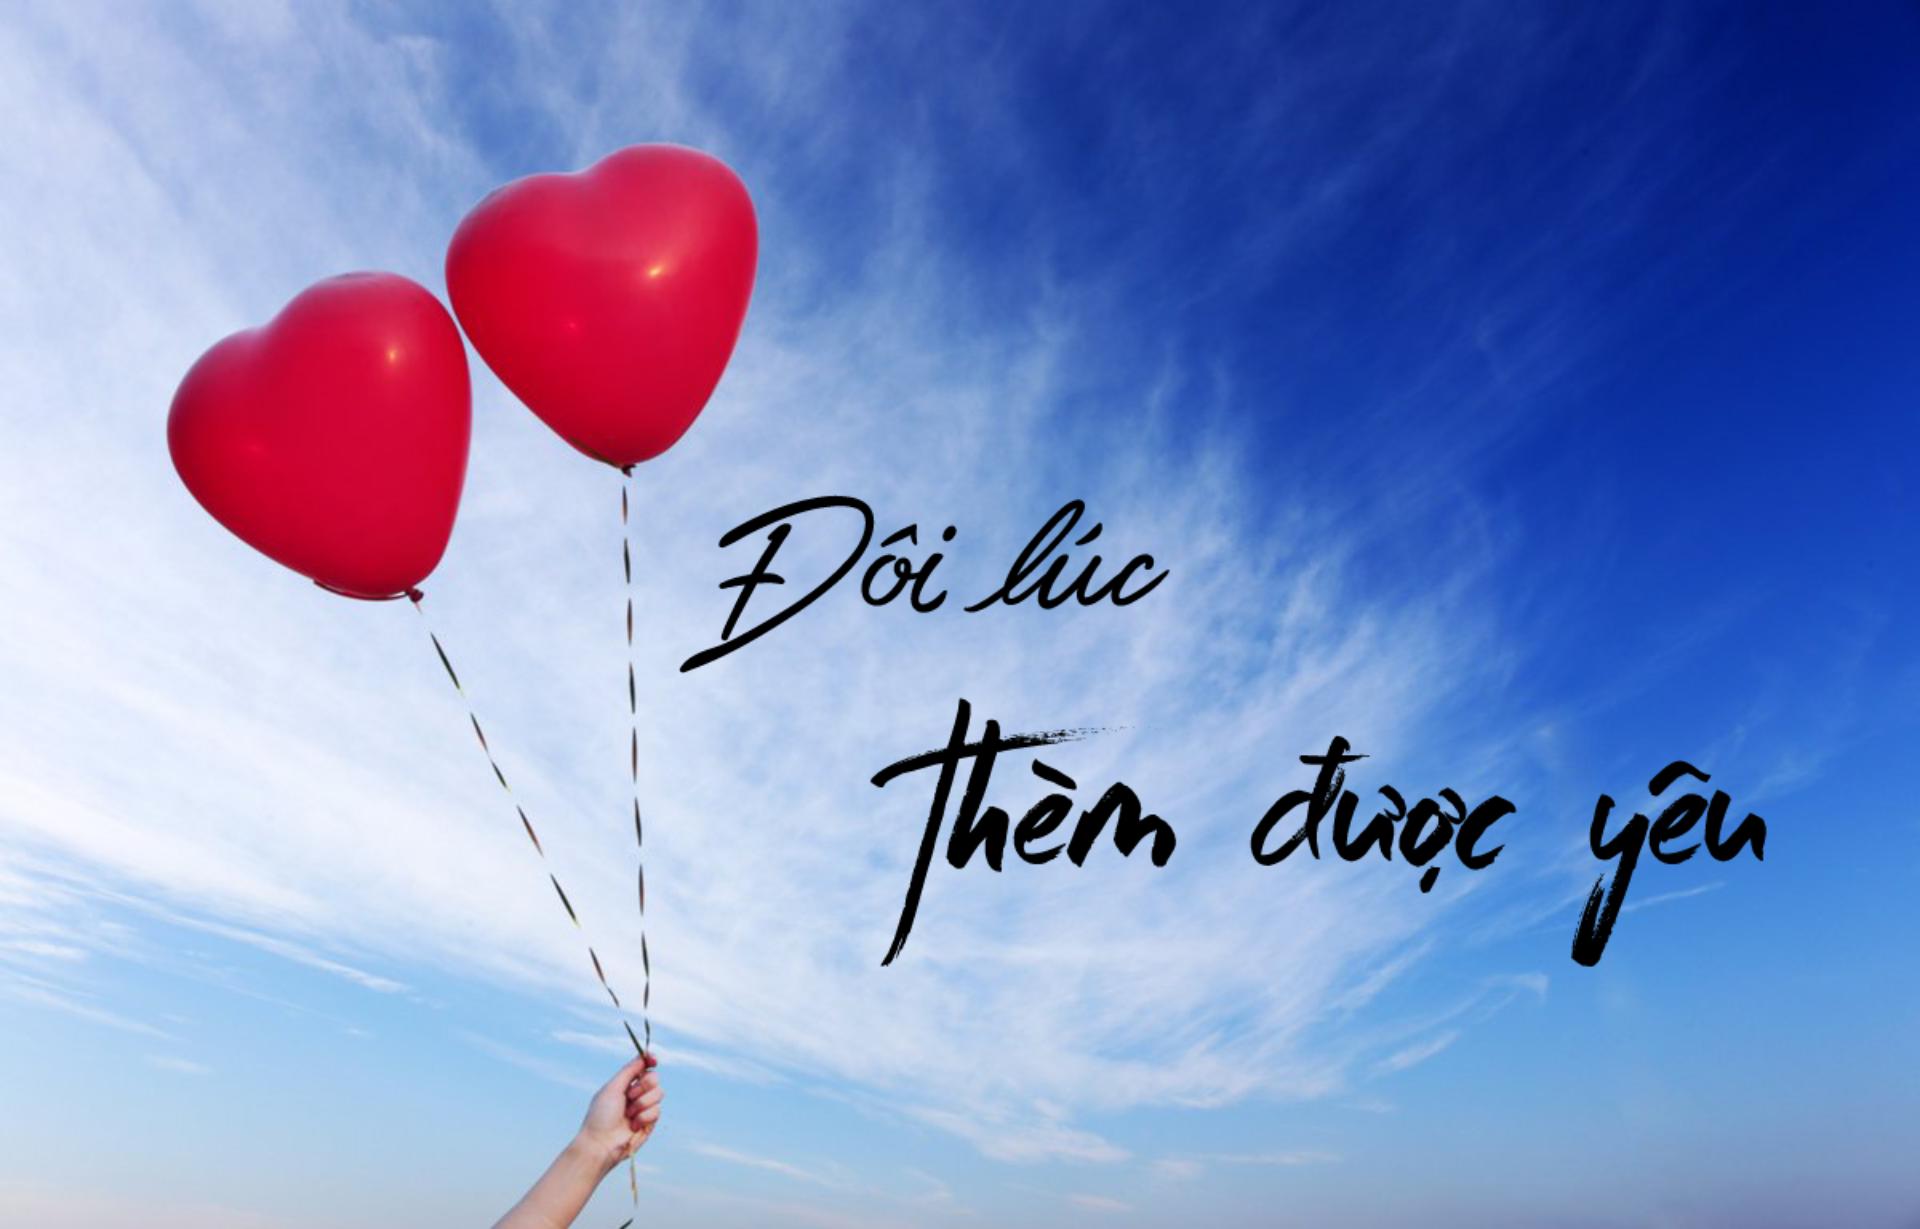 Người Tân Hiệp Phát yêu: Đôi lúc thèm được yêu